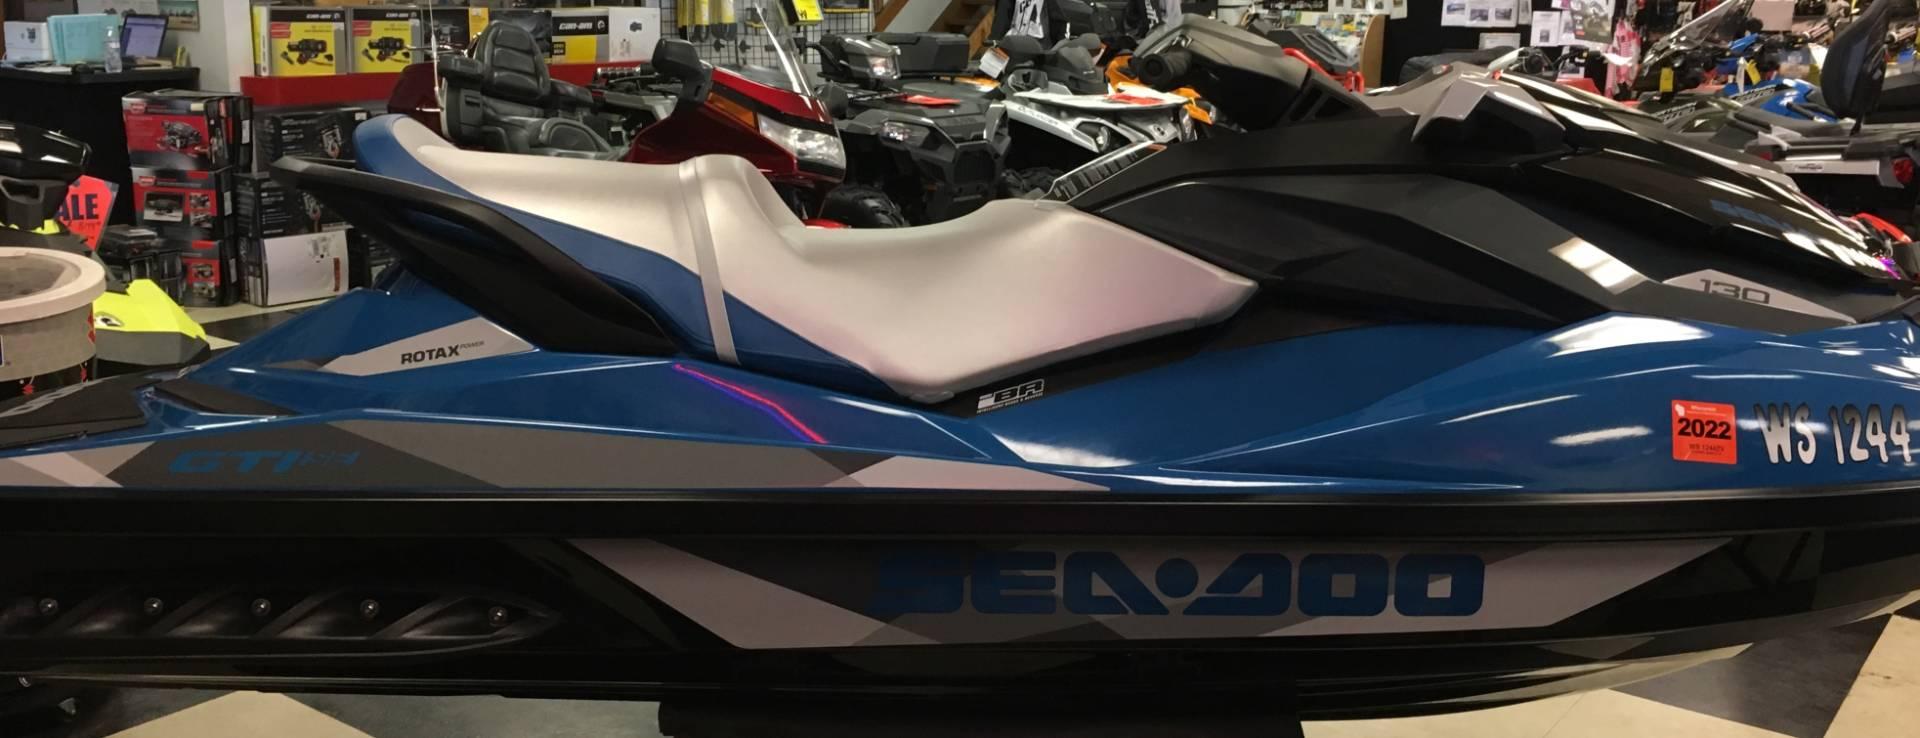 2018 Sea-Doo GTI SE 130 1